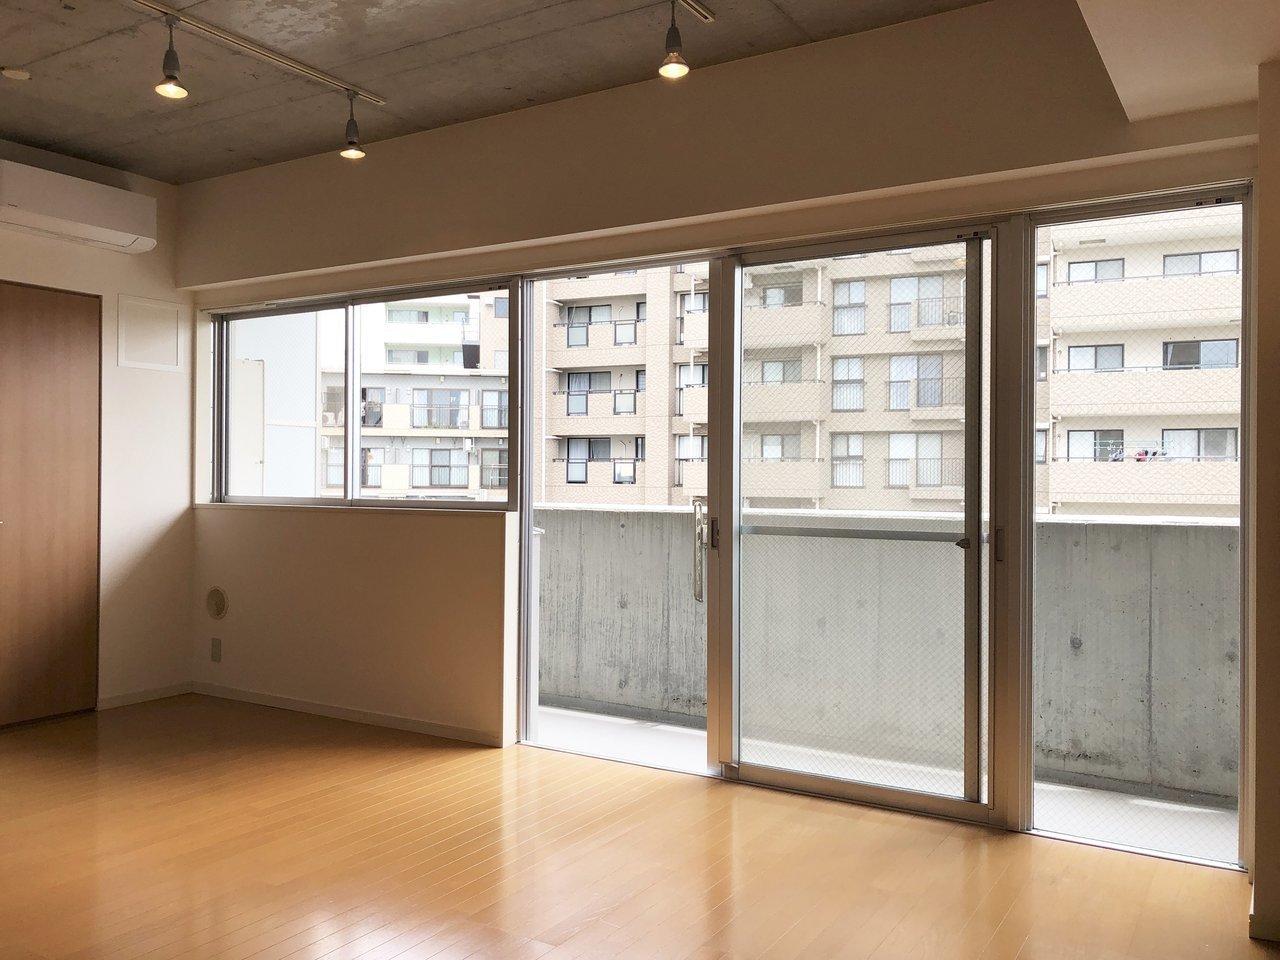 壁の端から端まで広がる大きな窓。天井のコンクリートとライトも空間をオシャレに演出してくれています。